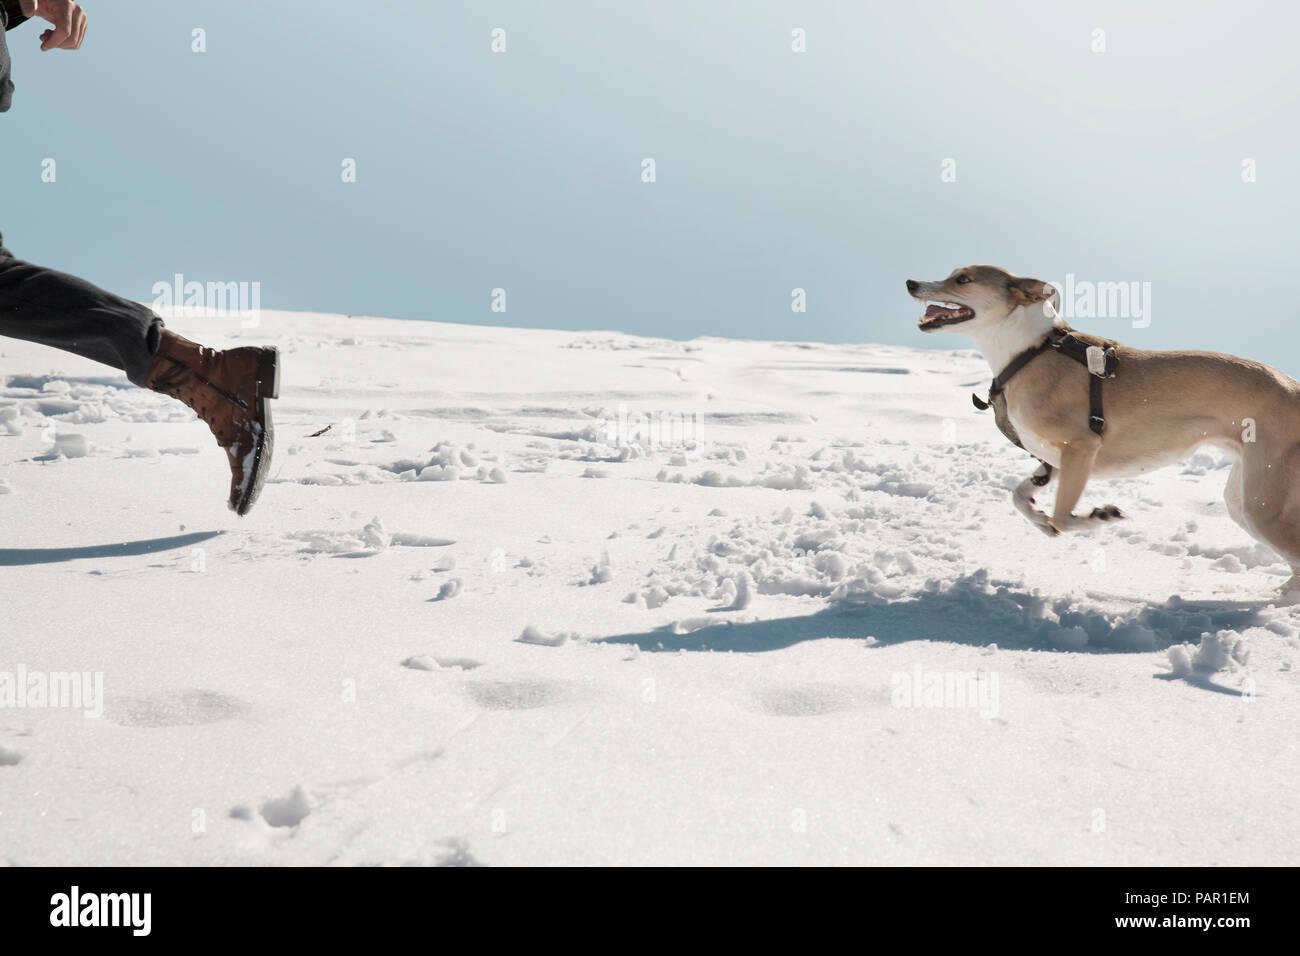 L'uomo gioca con il cane in inverno, in esecuzione nella neve Immagini Stock